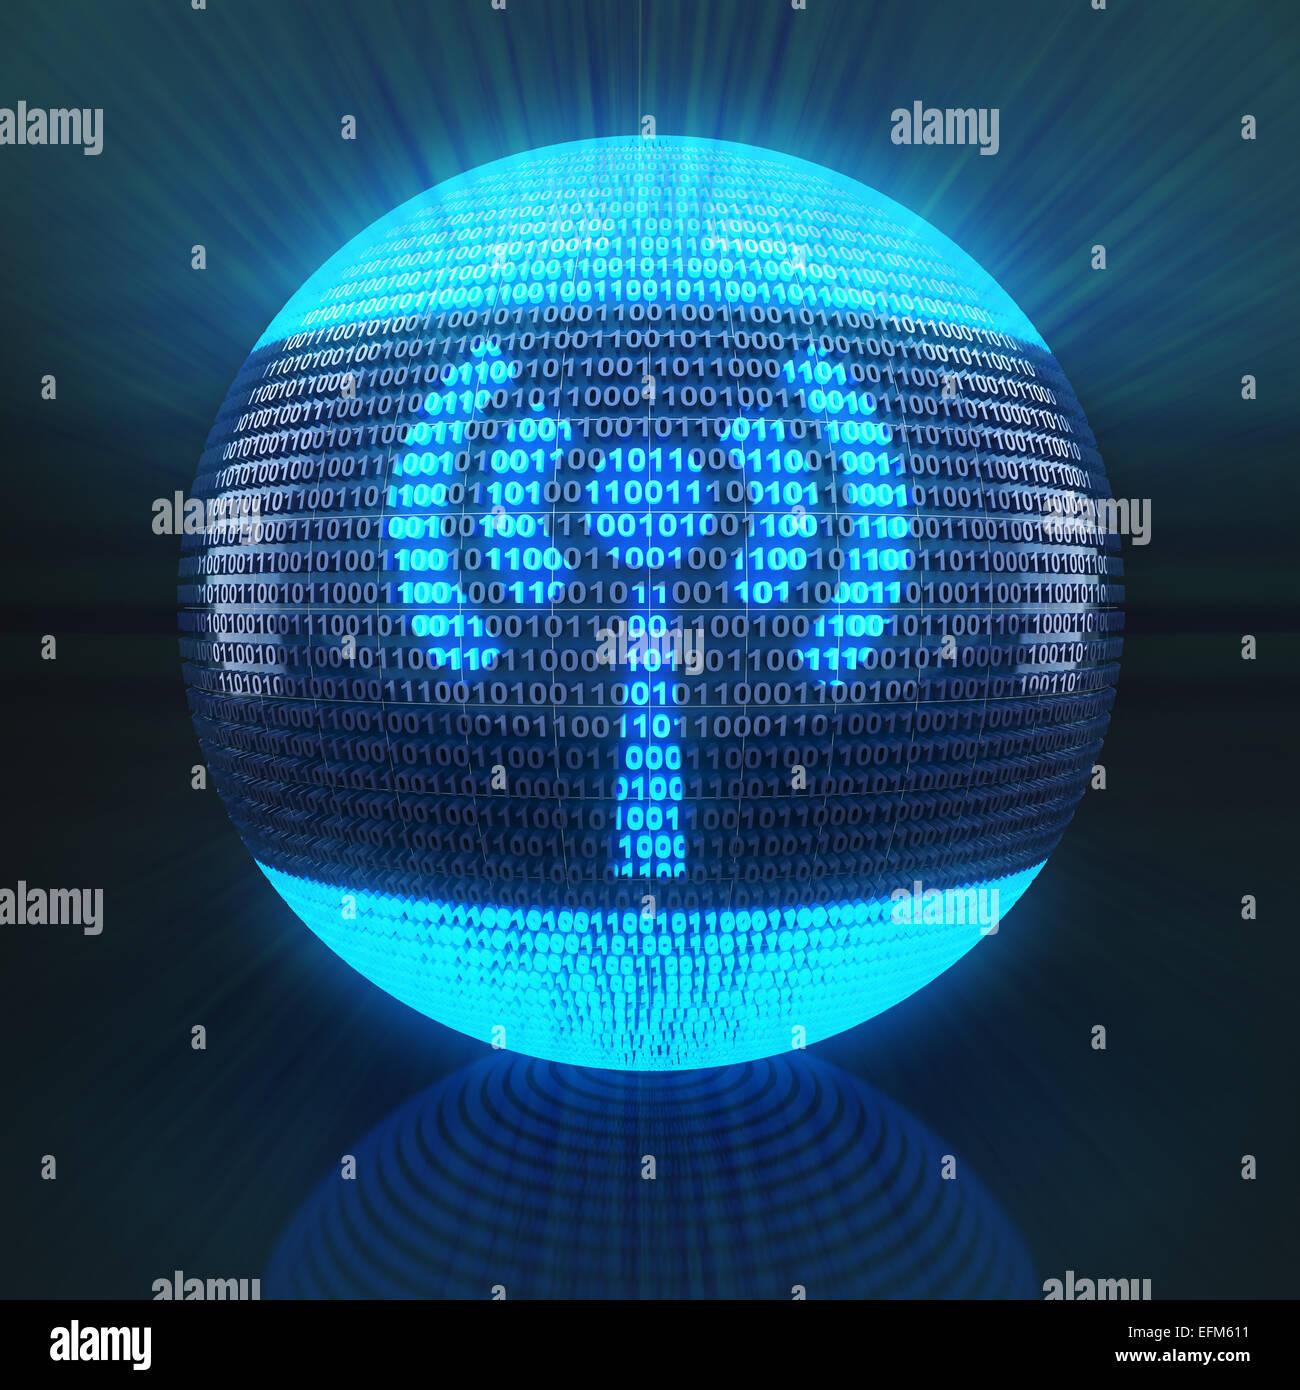 Connexion Wi-Fi au réseau local symbole sur globe formé par un code binaire Photo Stock